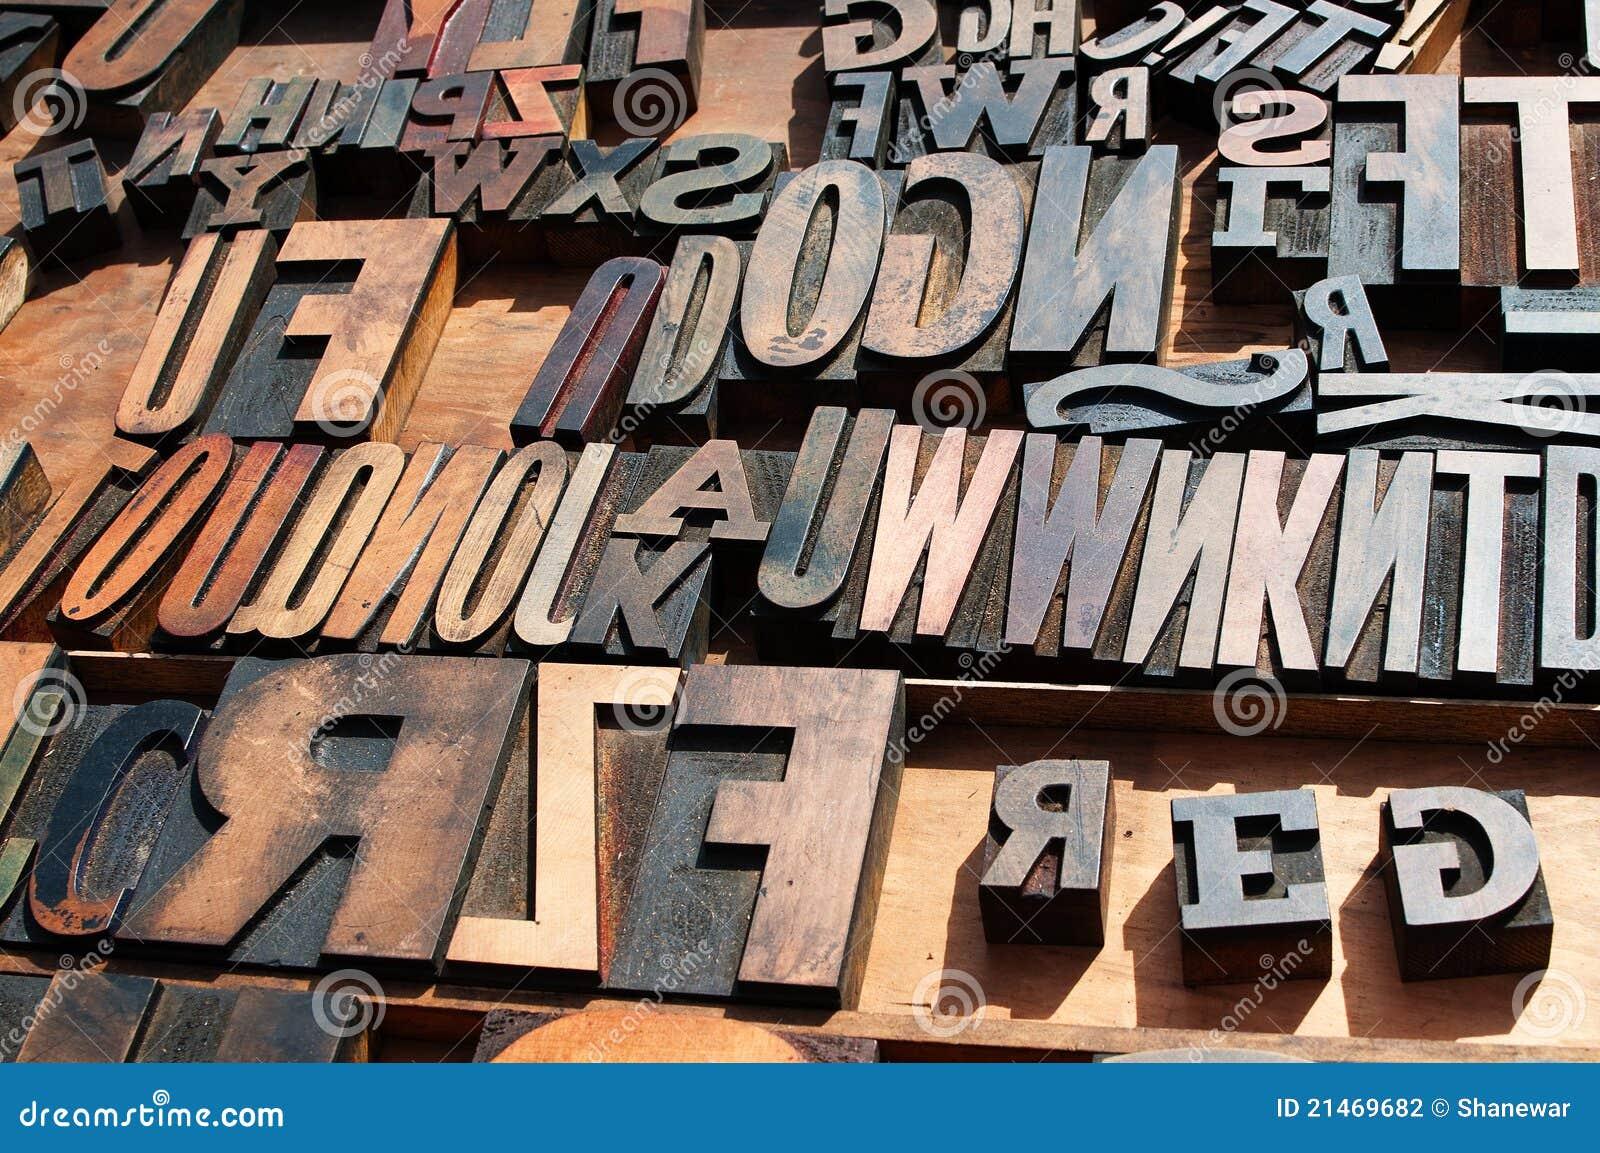 Letras de madeira da imprensa de impressão do bloco.